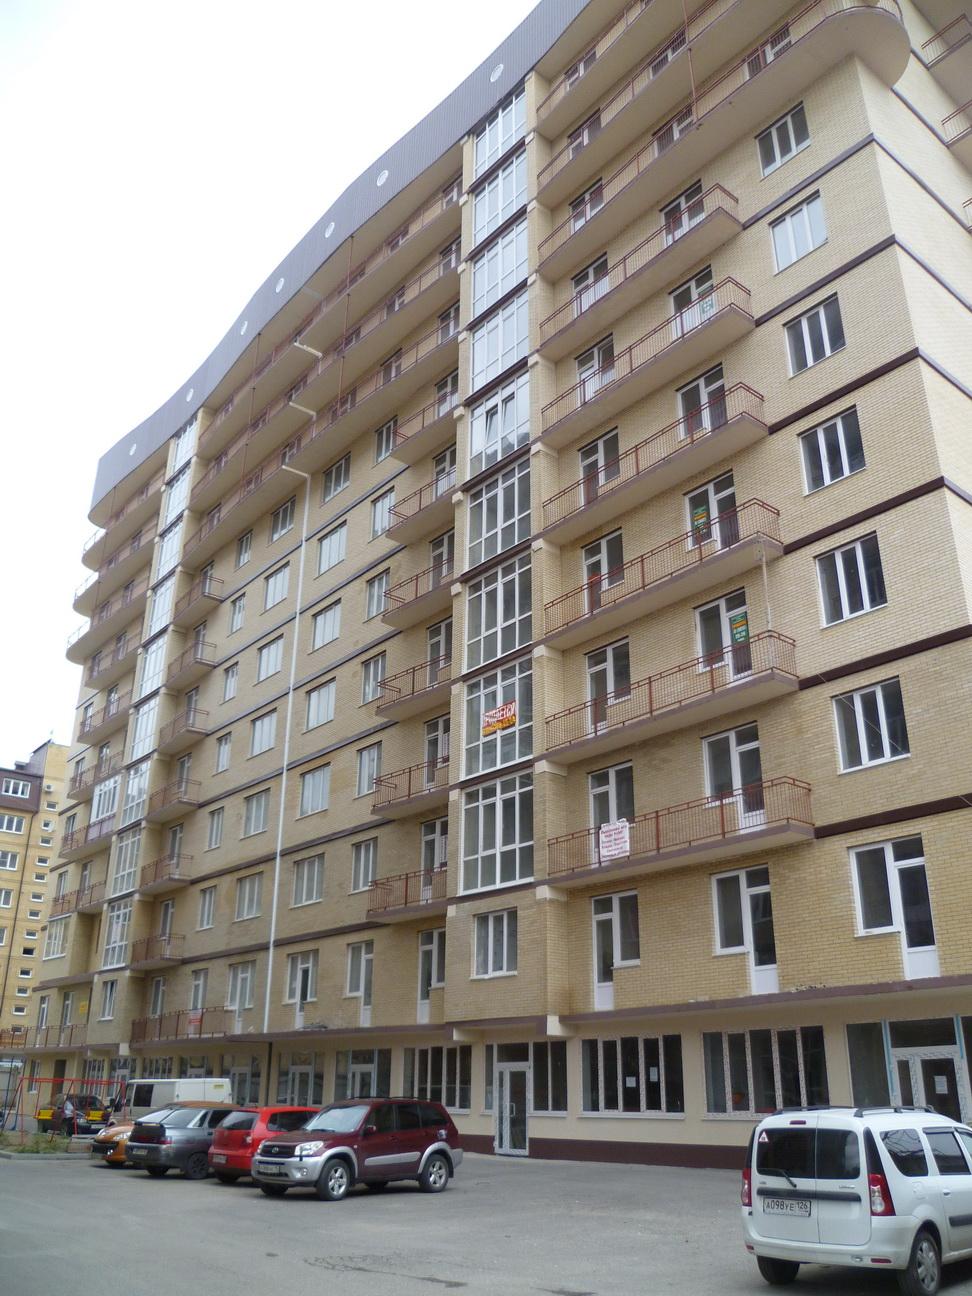 Продается квартира новостройка в Ессентуках, ул Октябрьская 337 корпус 3, 2-комнатная  68,22 кв. м.